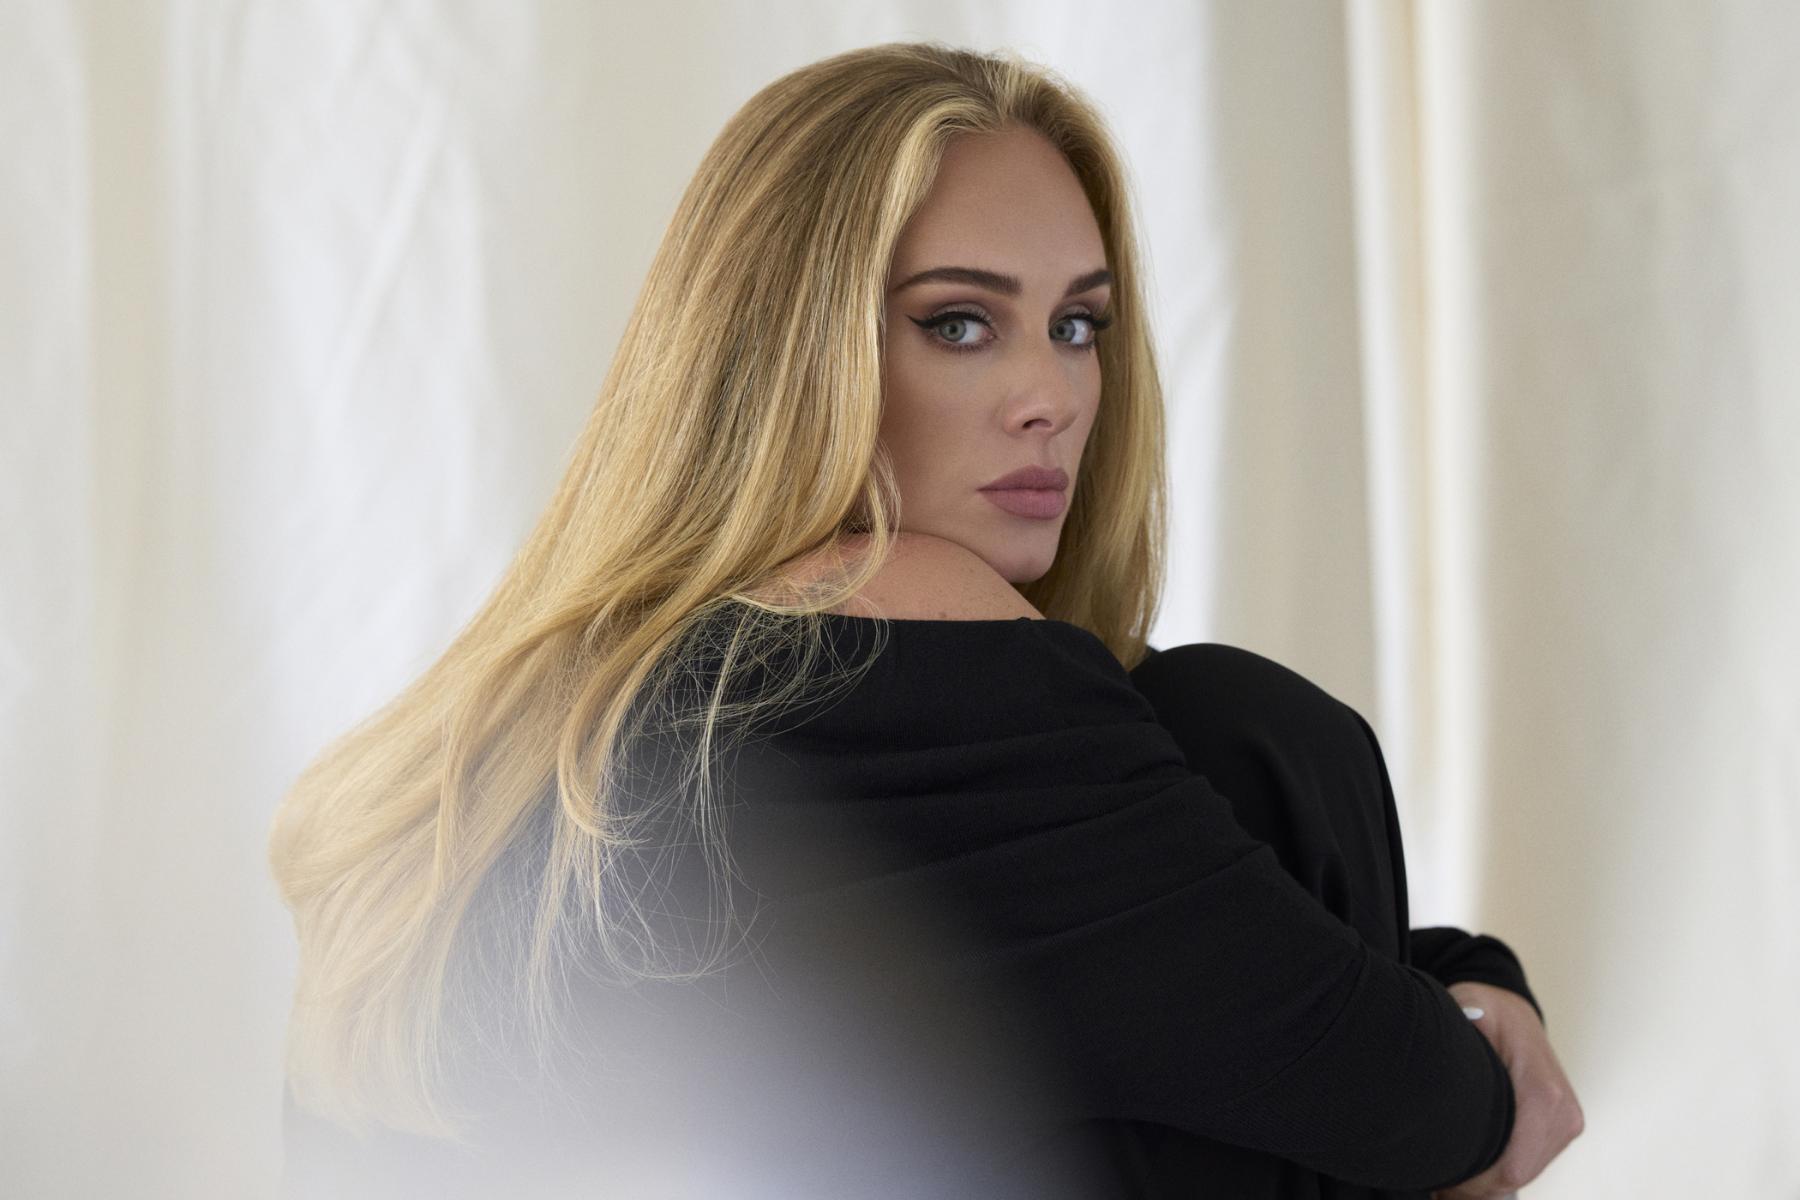 El ex marido de Adele: la historia detrás del nuevo sencillo Easy On Me